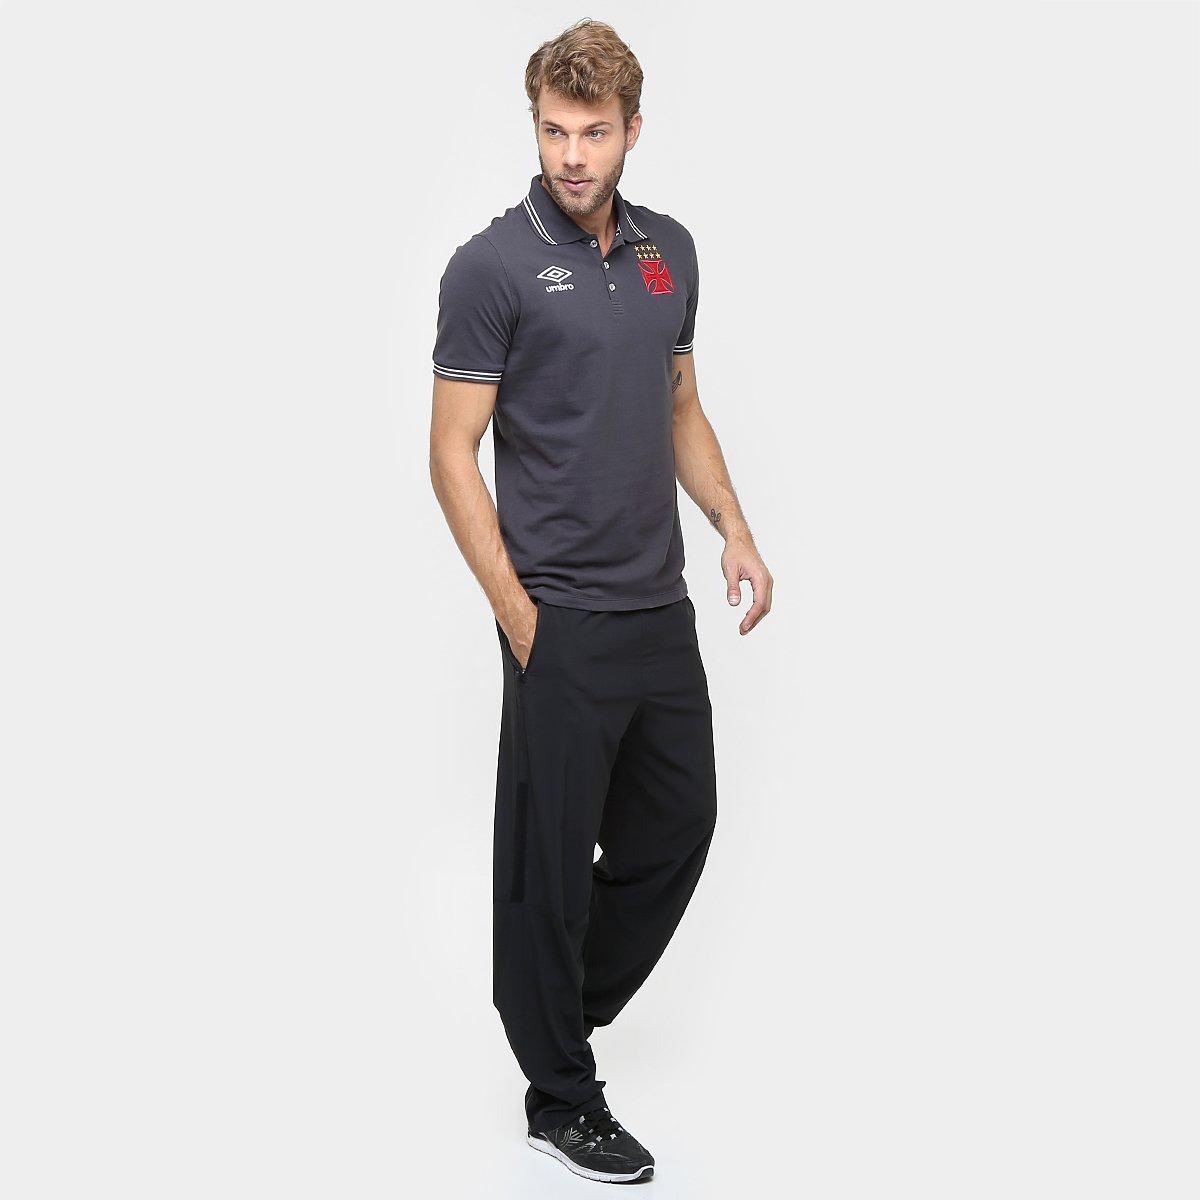 f6e167b62d Camisa Polo Vasco Umbro Viagem 2016 Masculina - Compre Agora